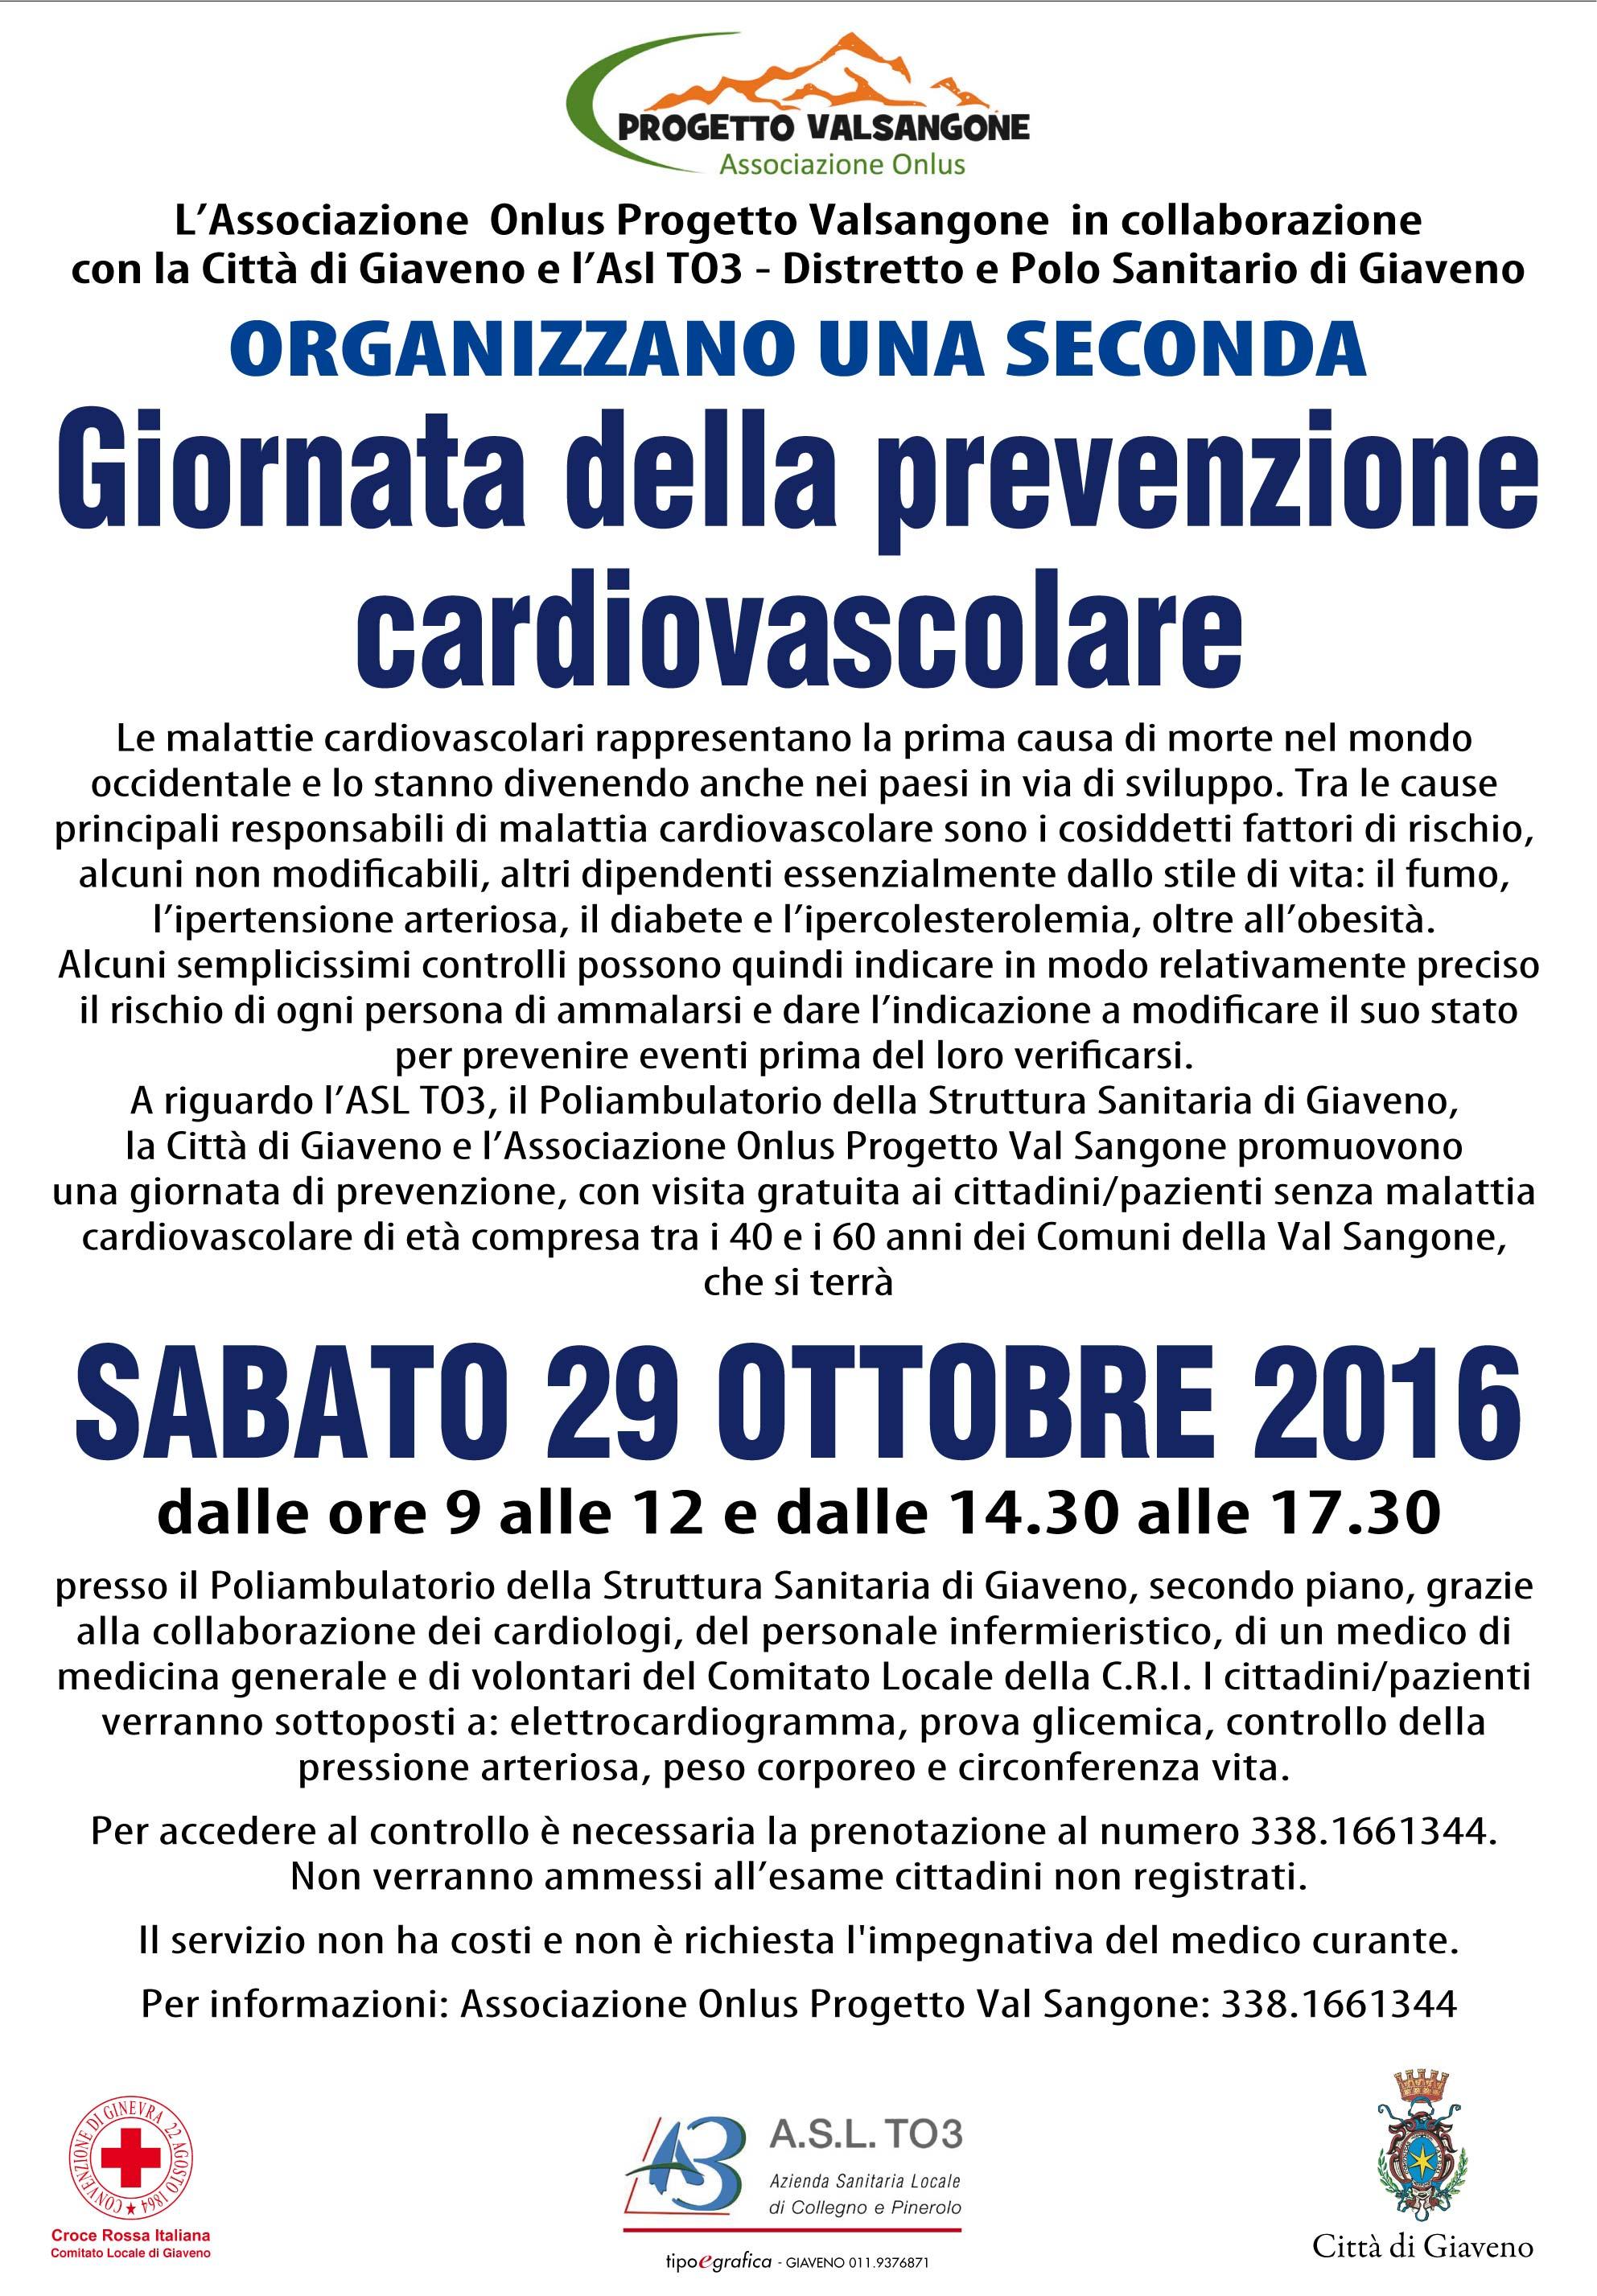 Giornata della Prevenzione Cardiovascolare  – sabato 29 ottobre 2016